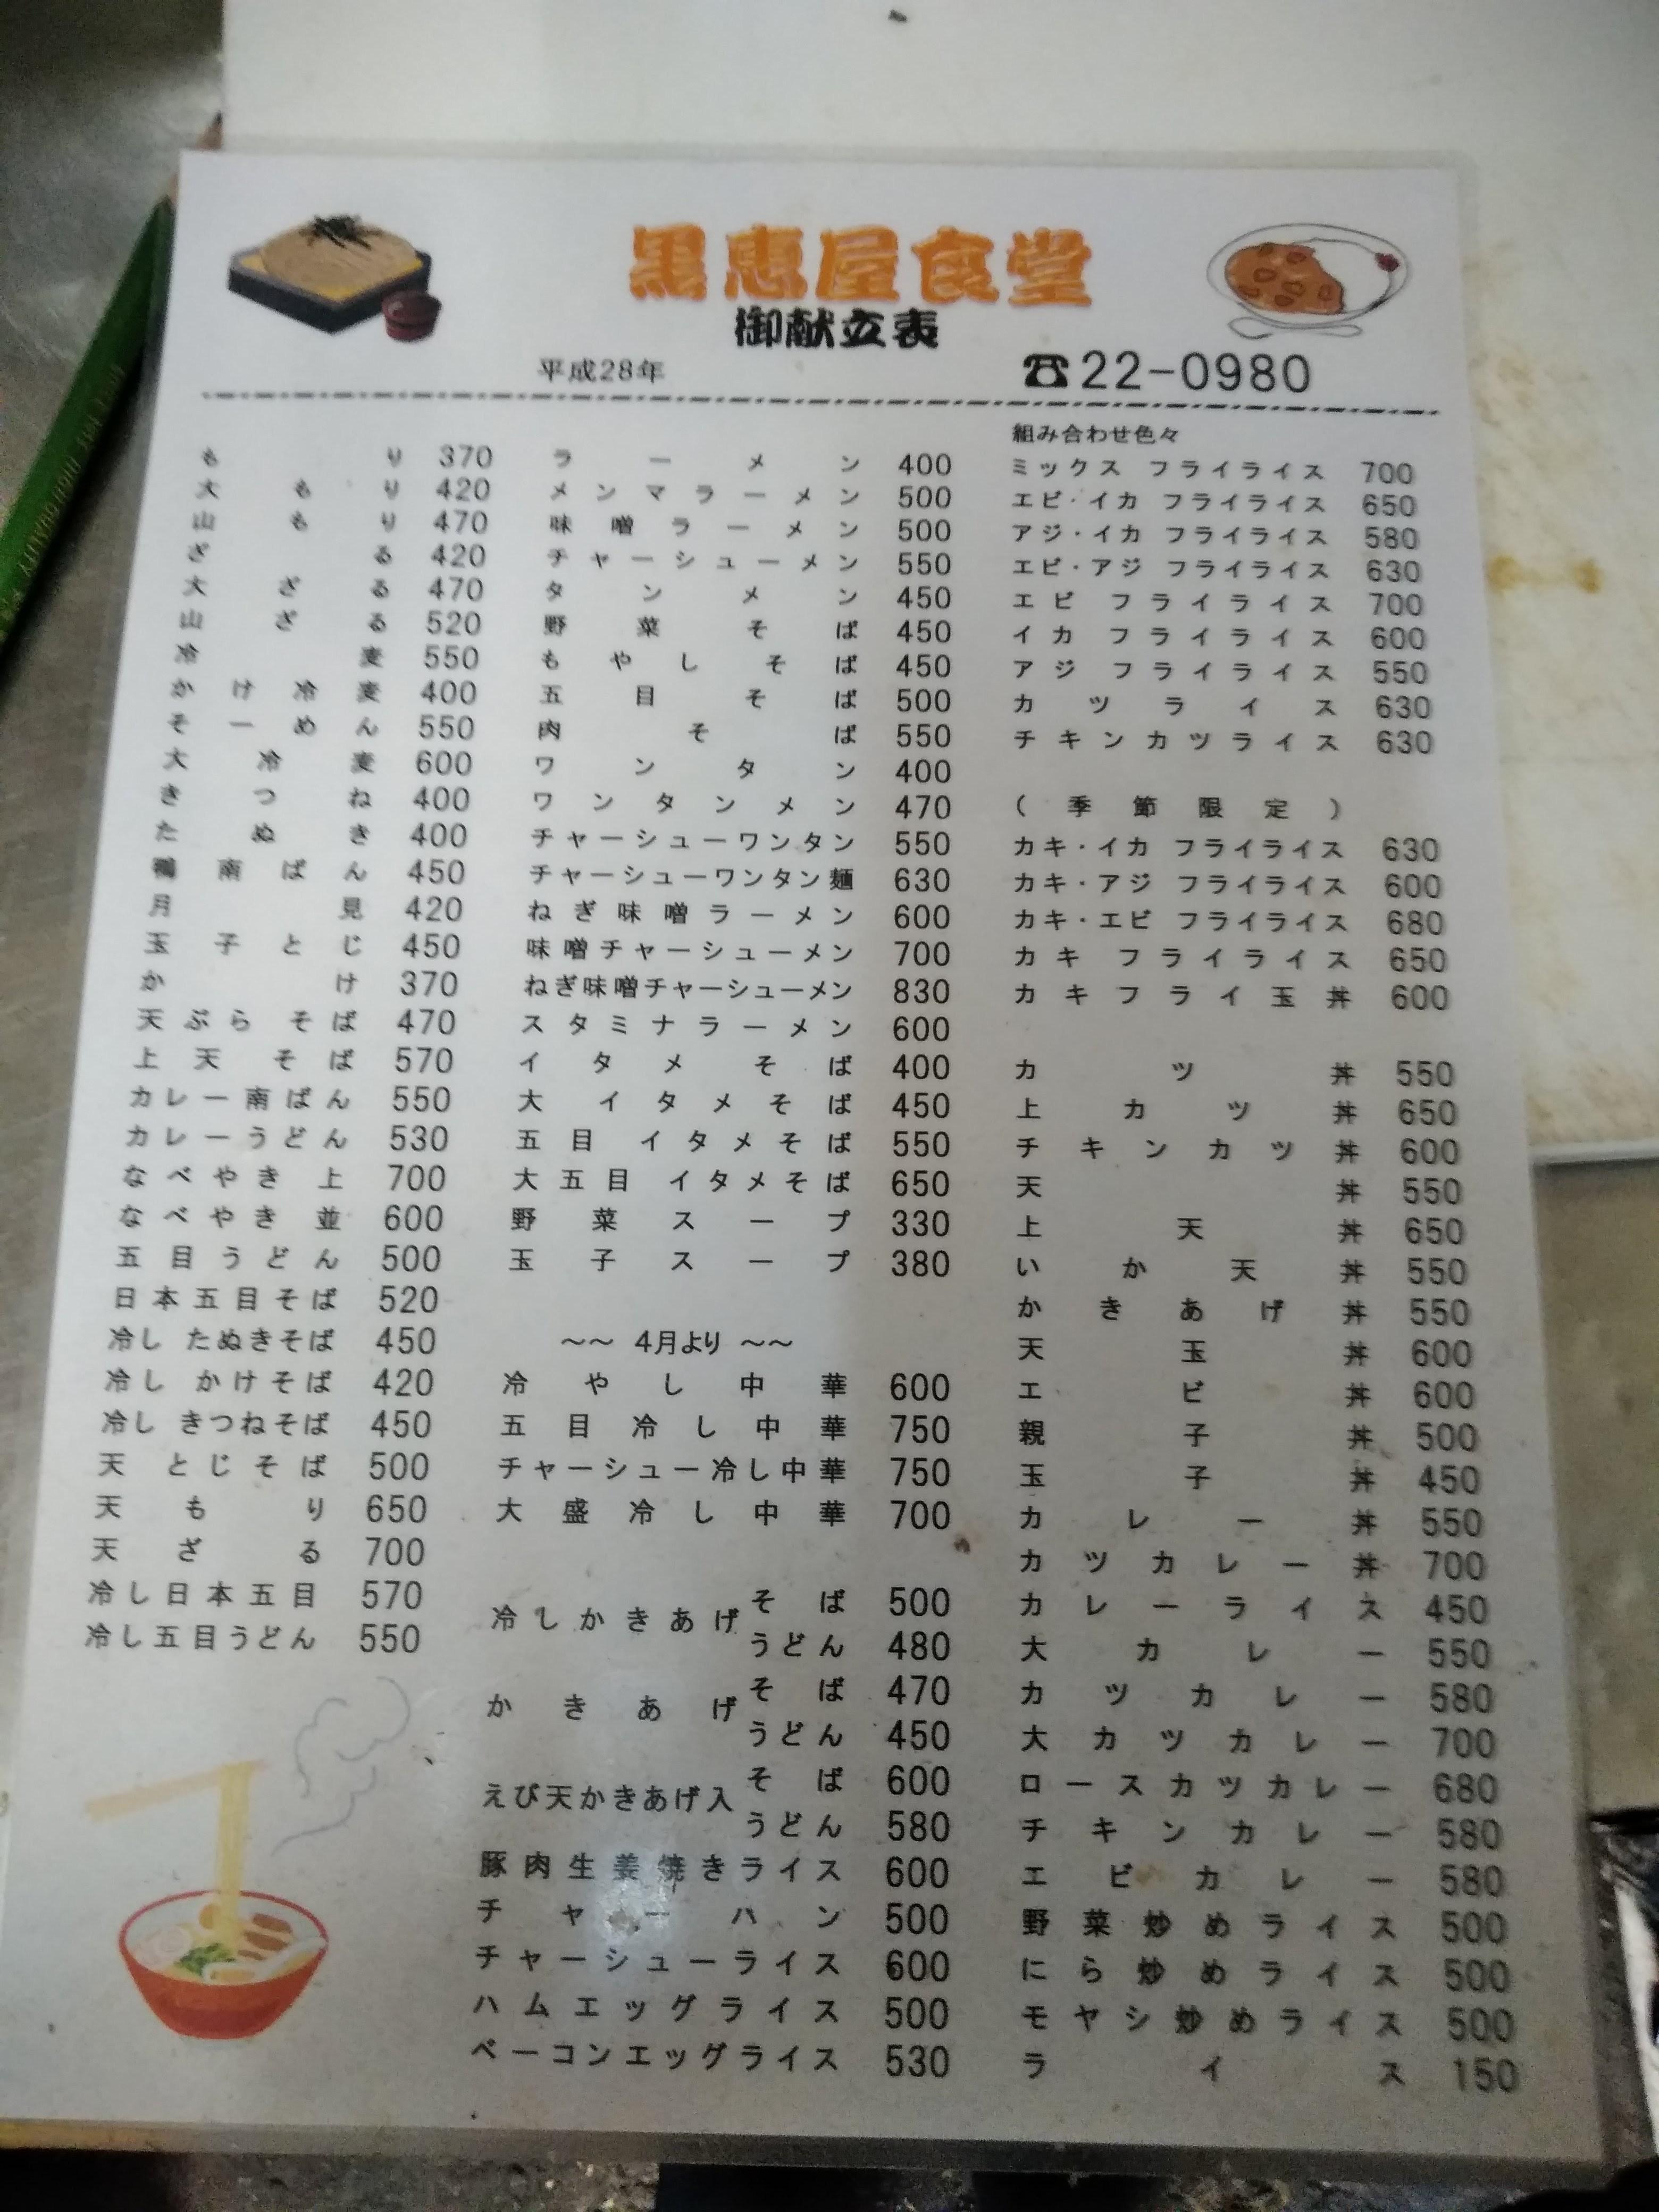 H300306 menu